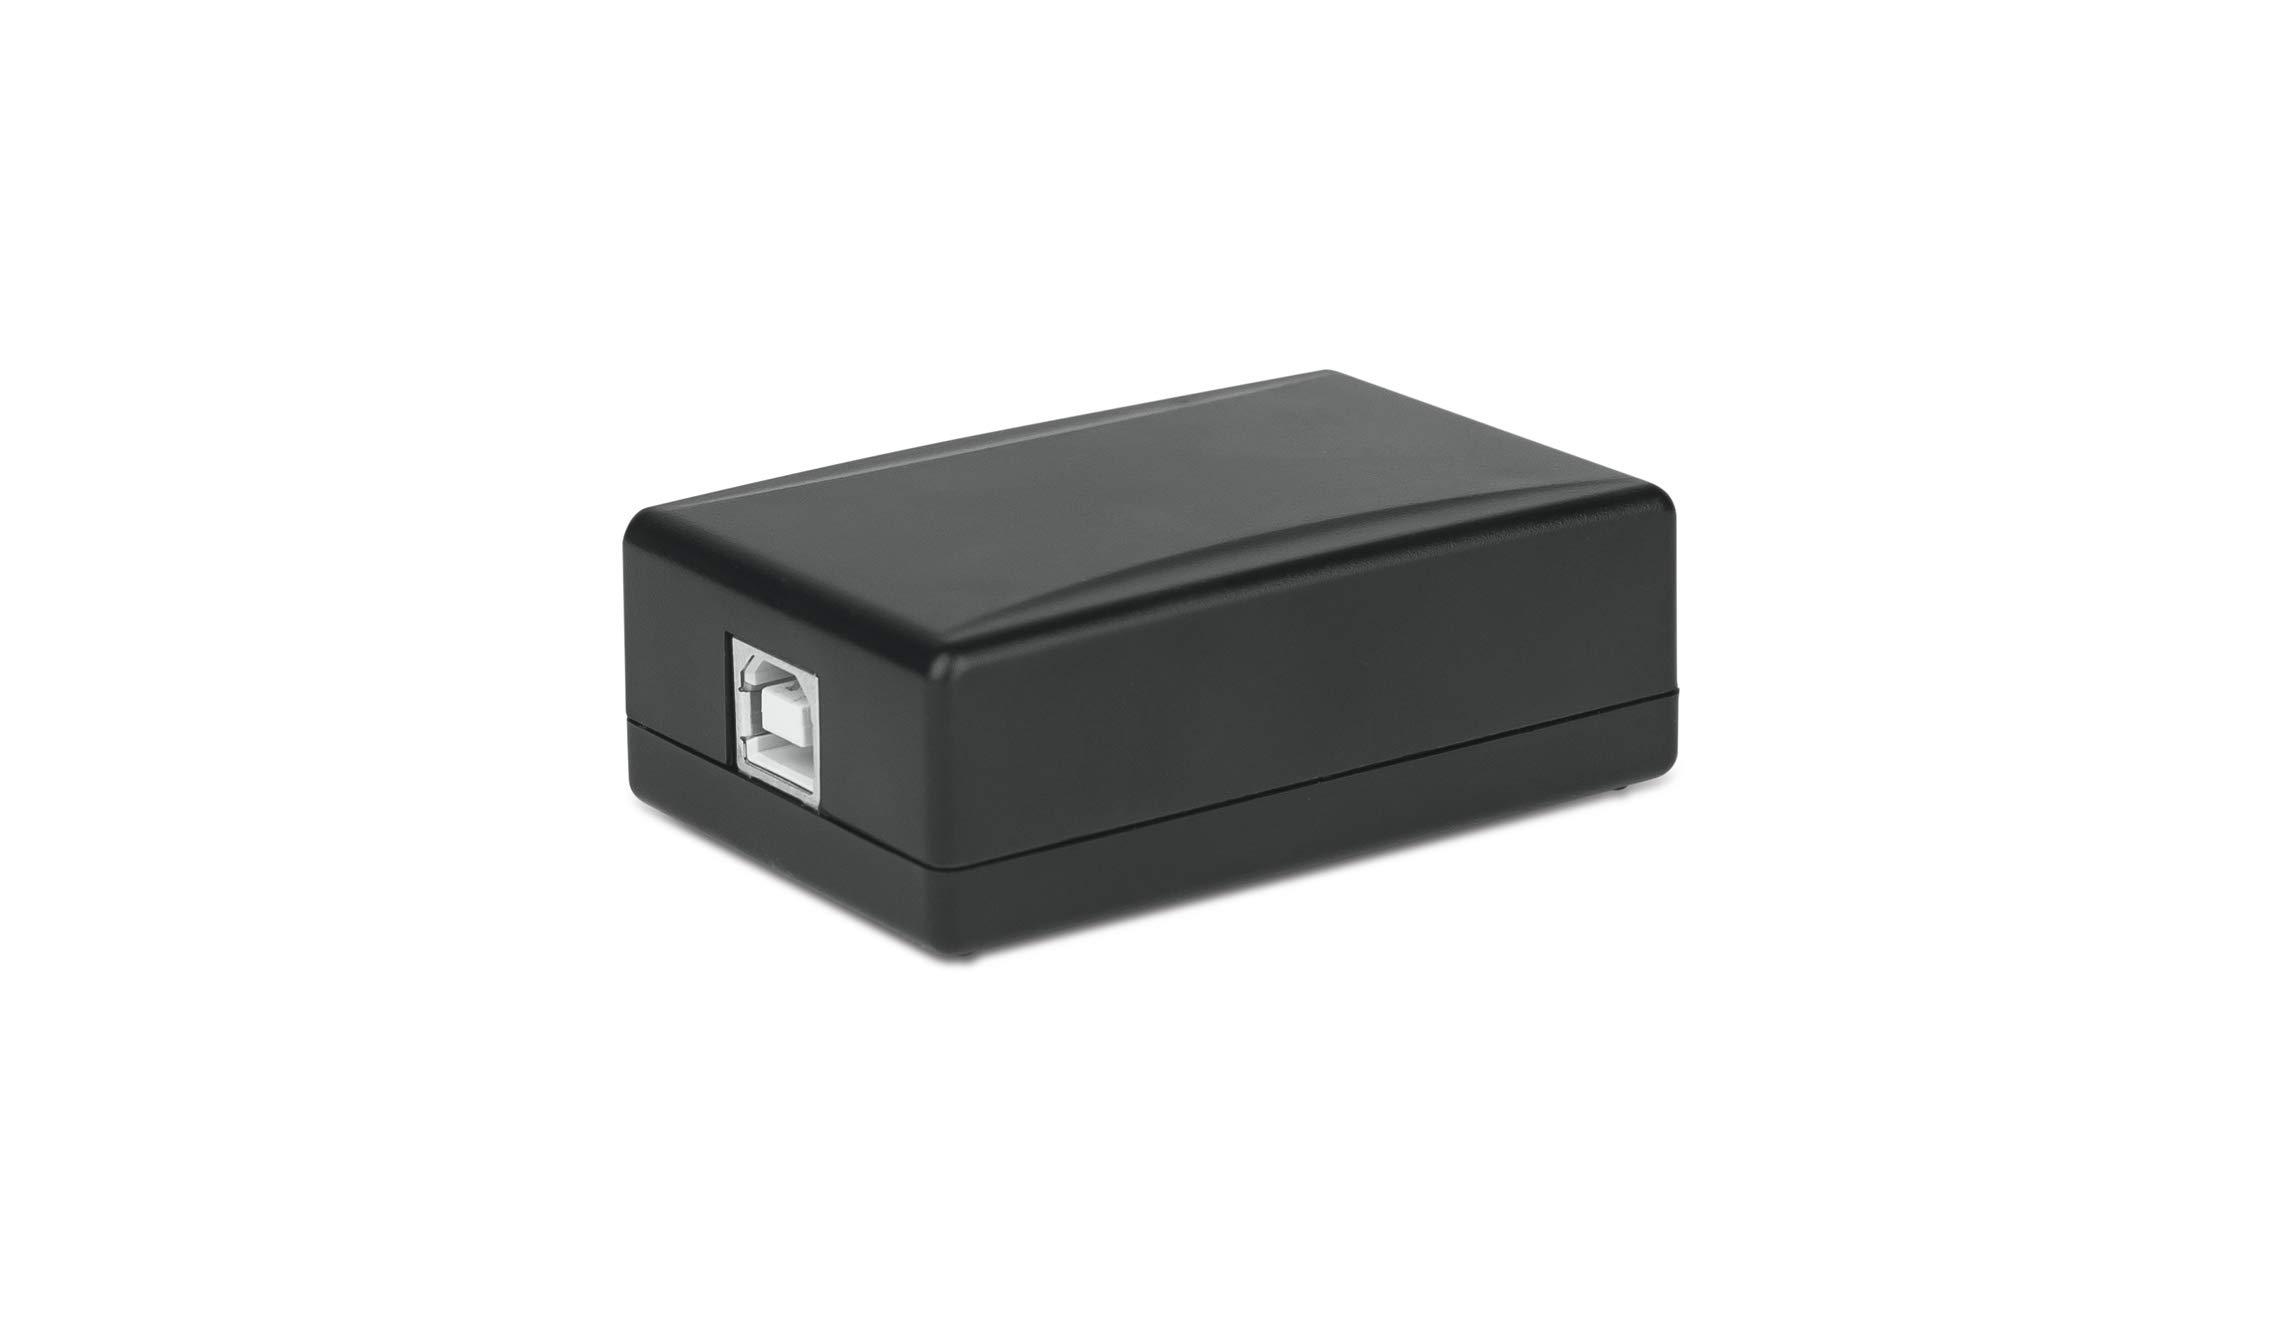 SafeScan UC-100 USB Cash Drawer Trigger